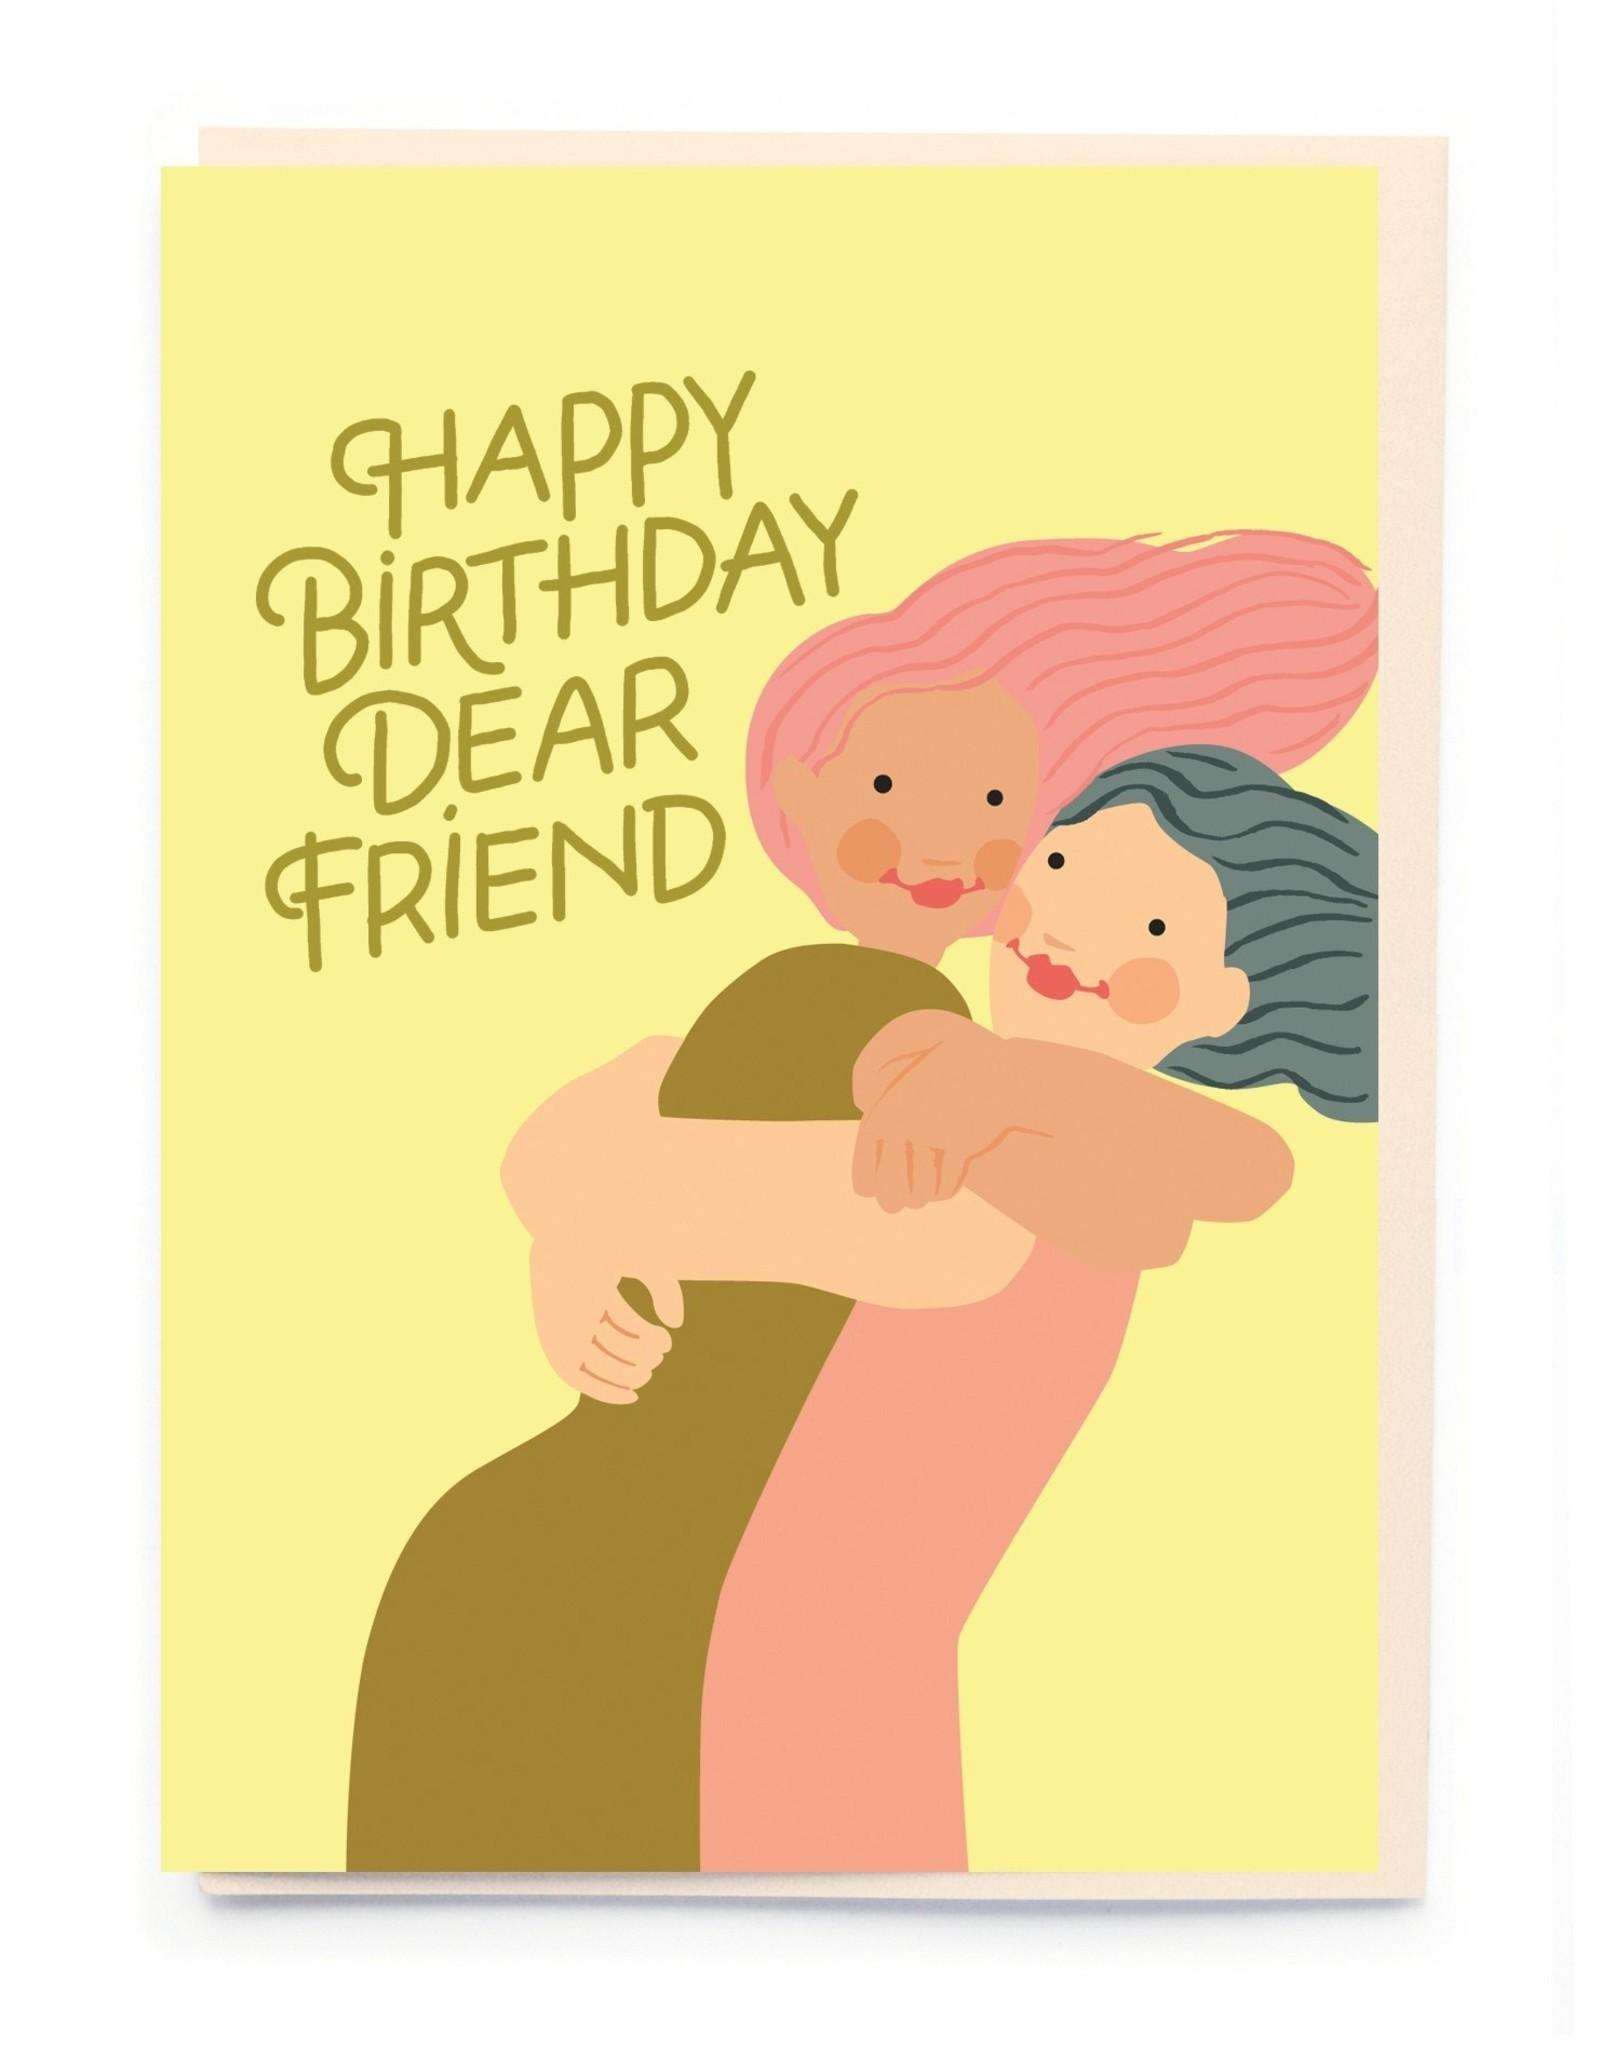 PPS - Dear Friend Birthday Card